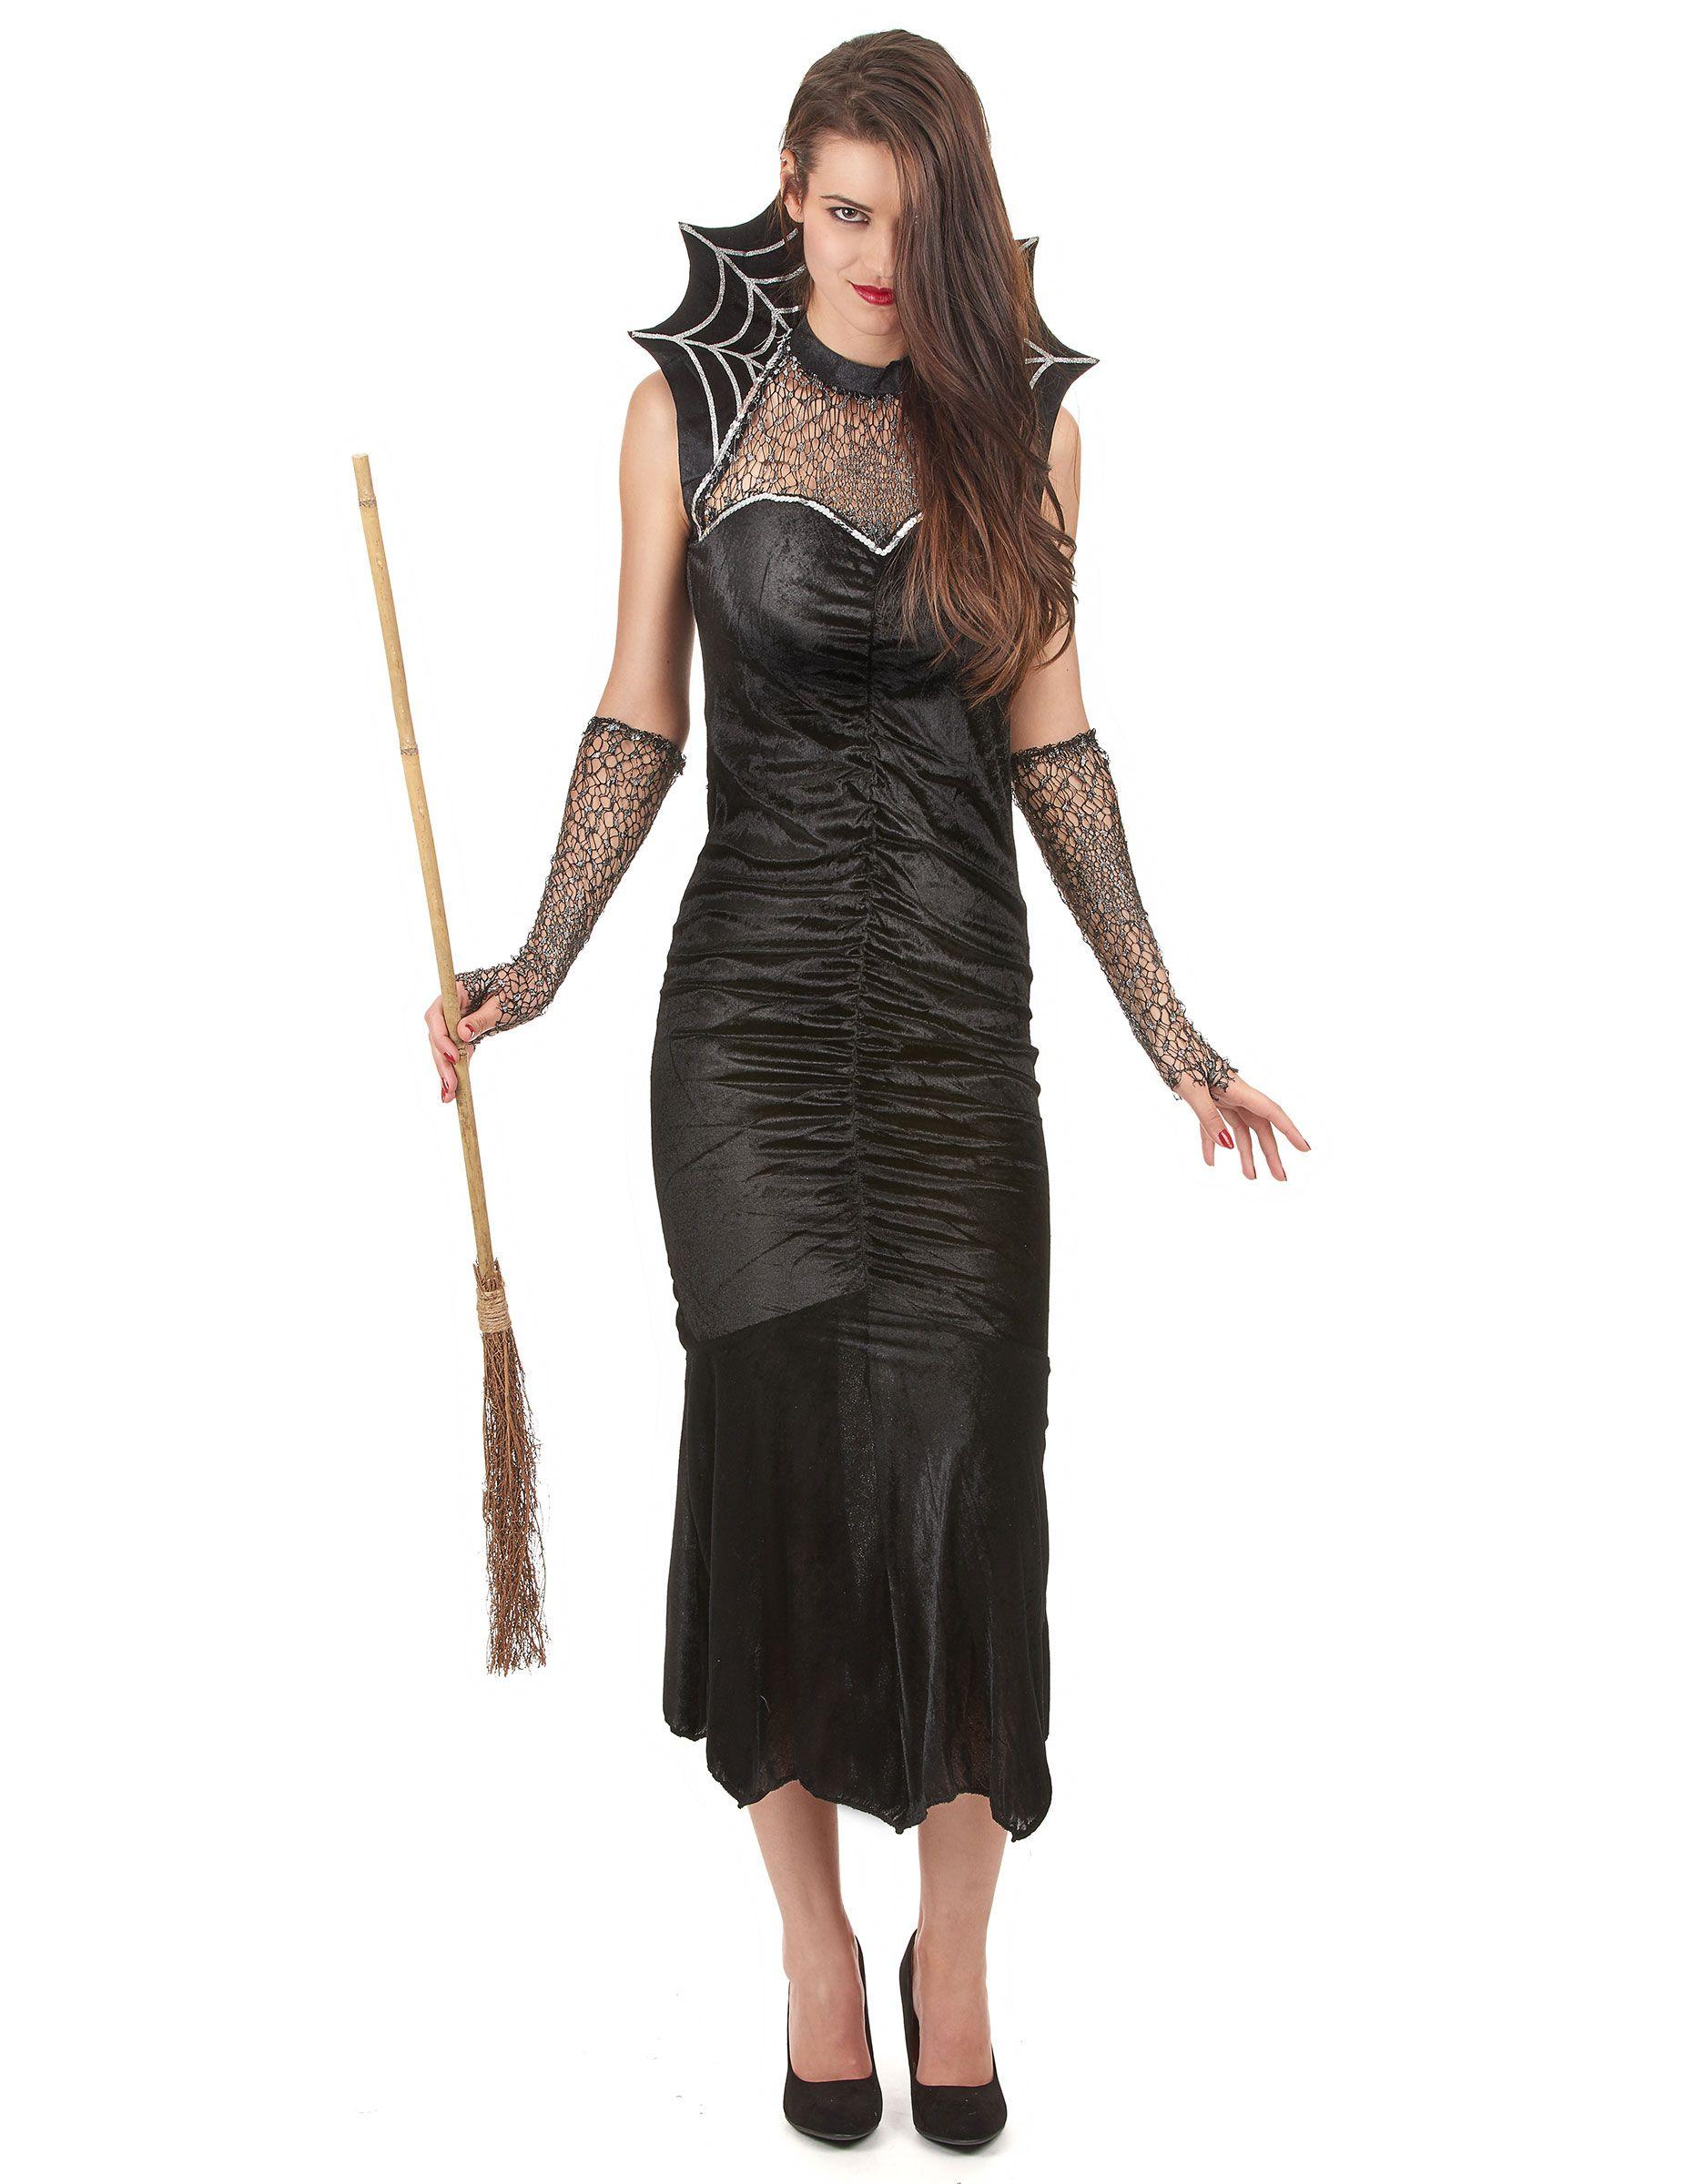 44ec9e72e Disfraz cuello telaraña mujer Halloween en 2019 | Apparel ...